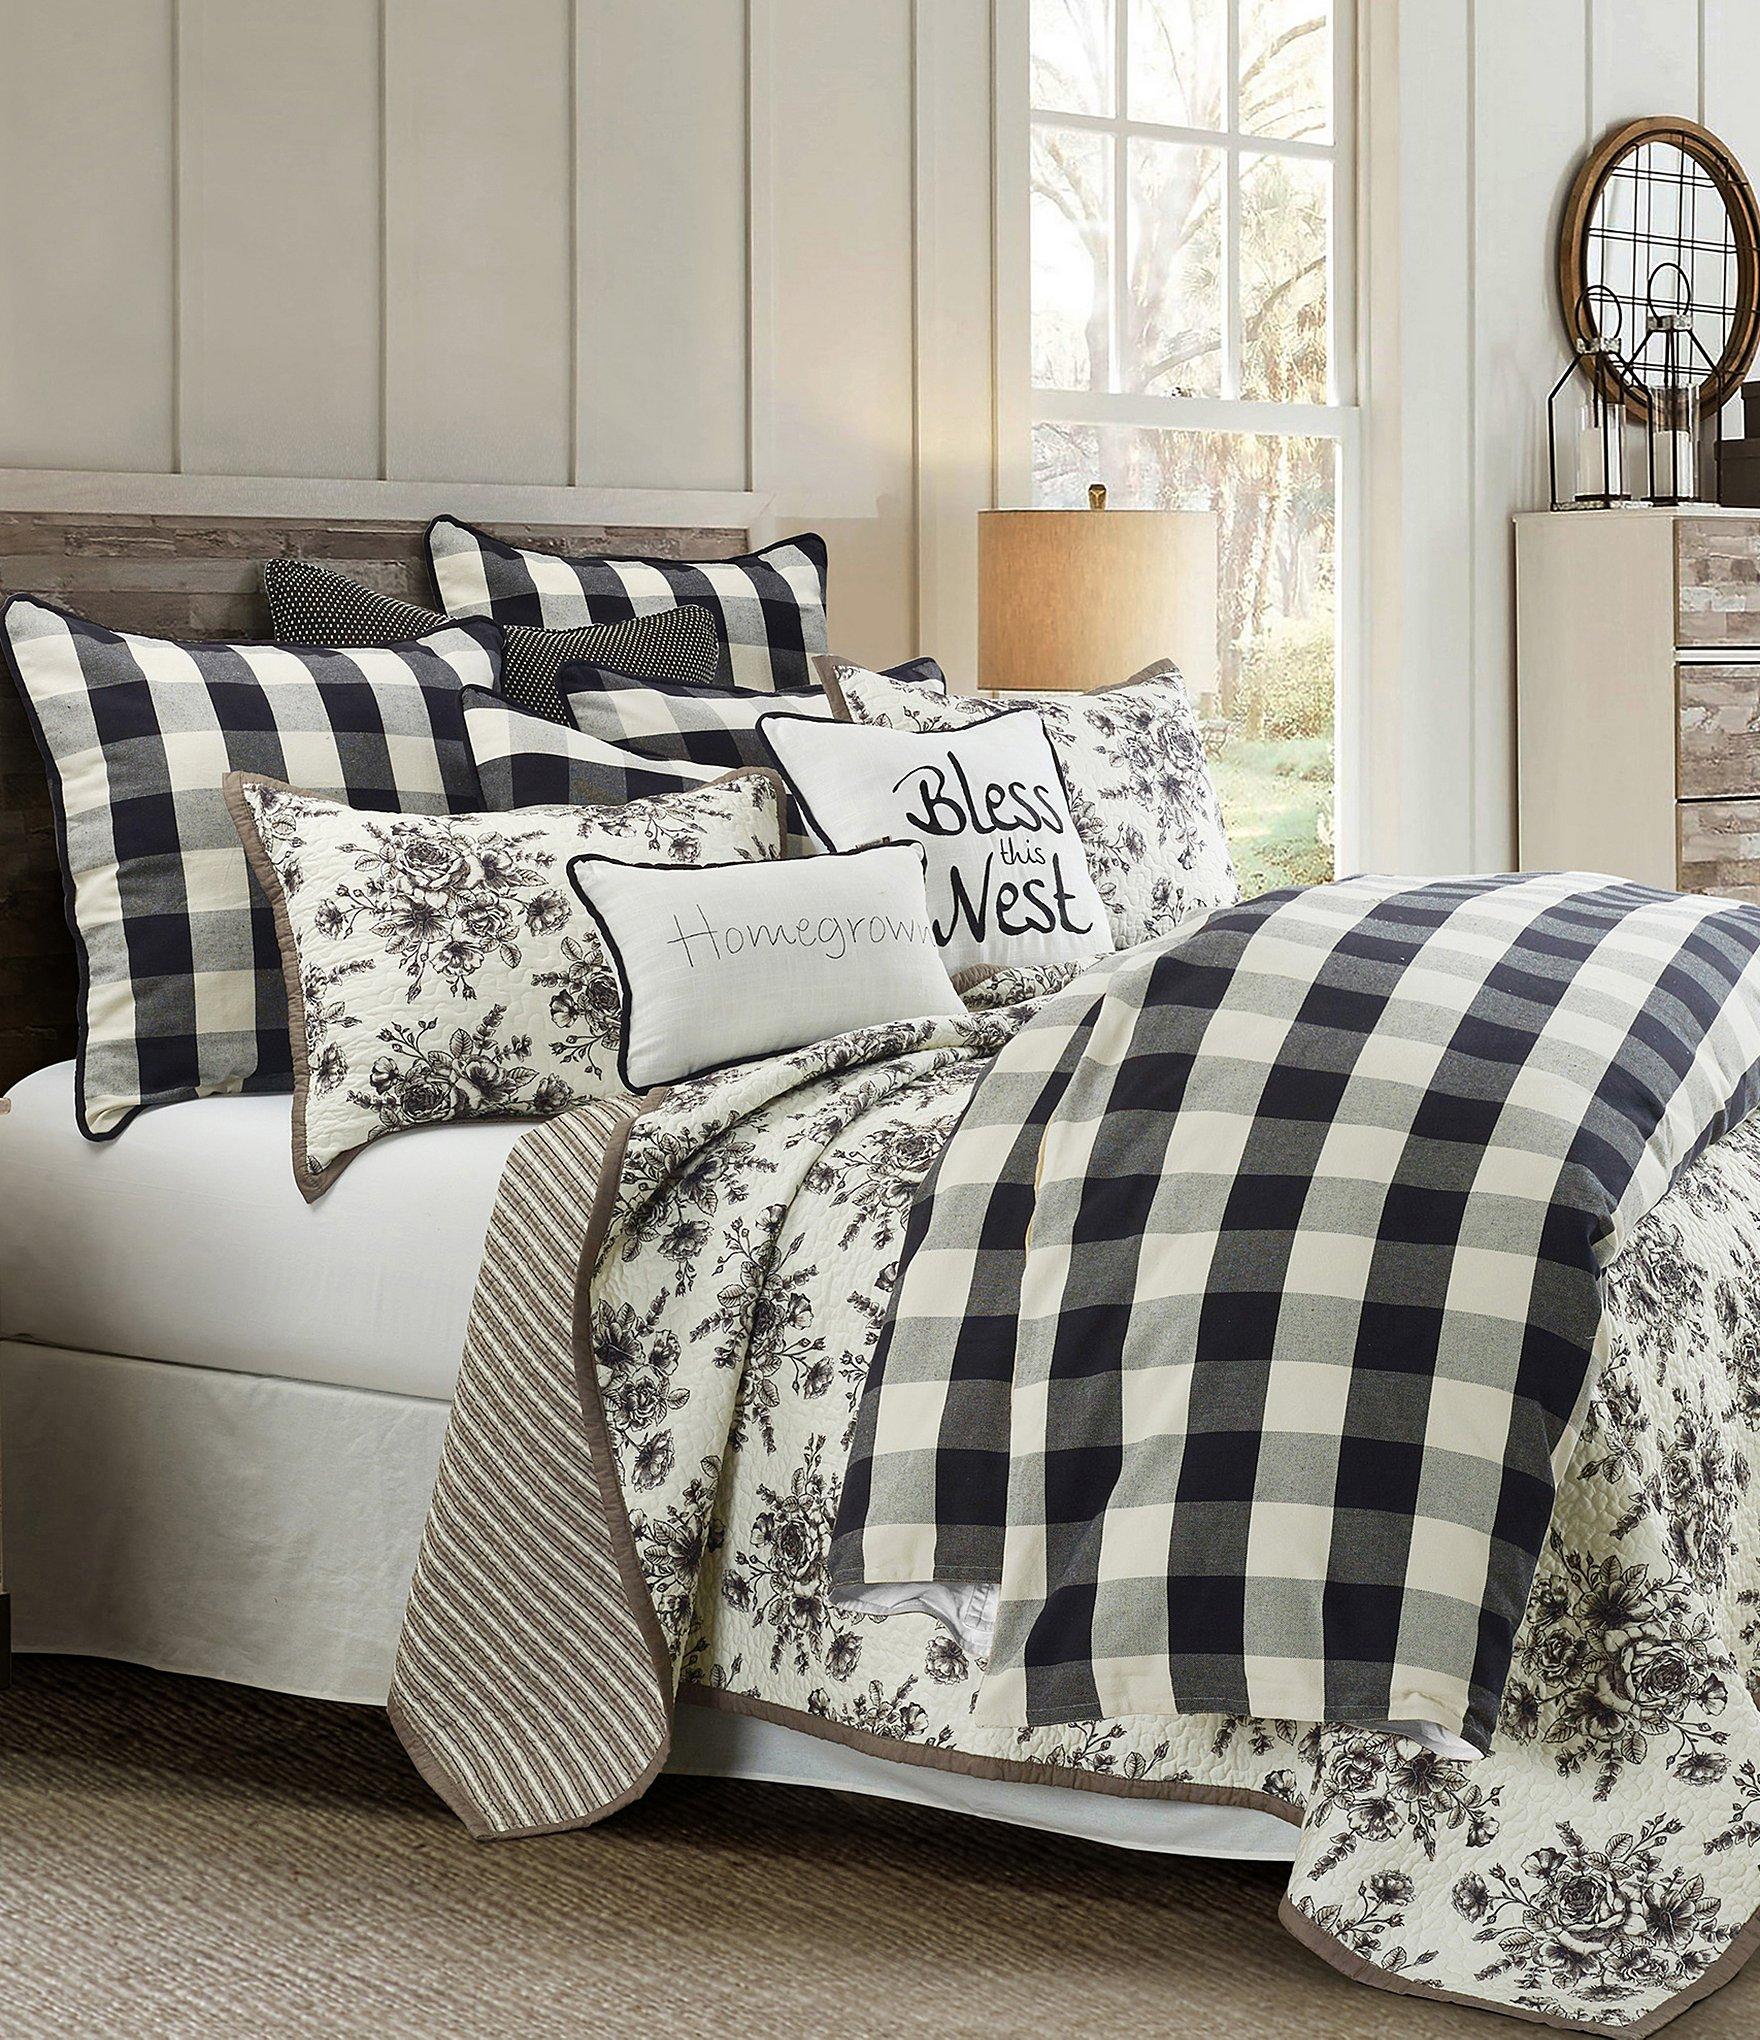 Hiend Accents Camille Buffalo Check Comforter Mini Set Dillard S